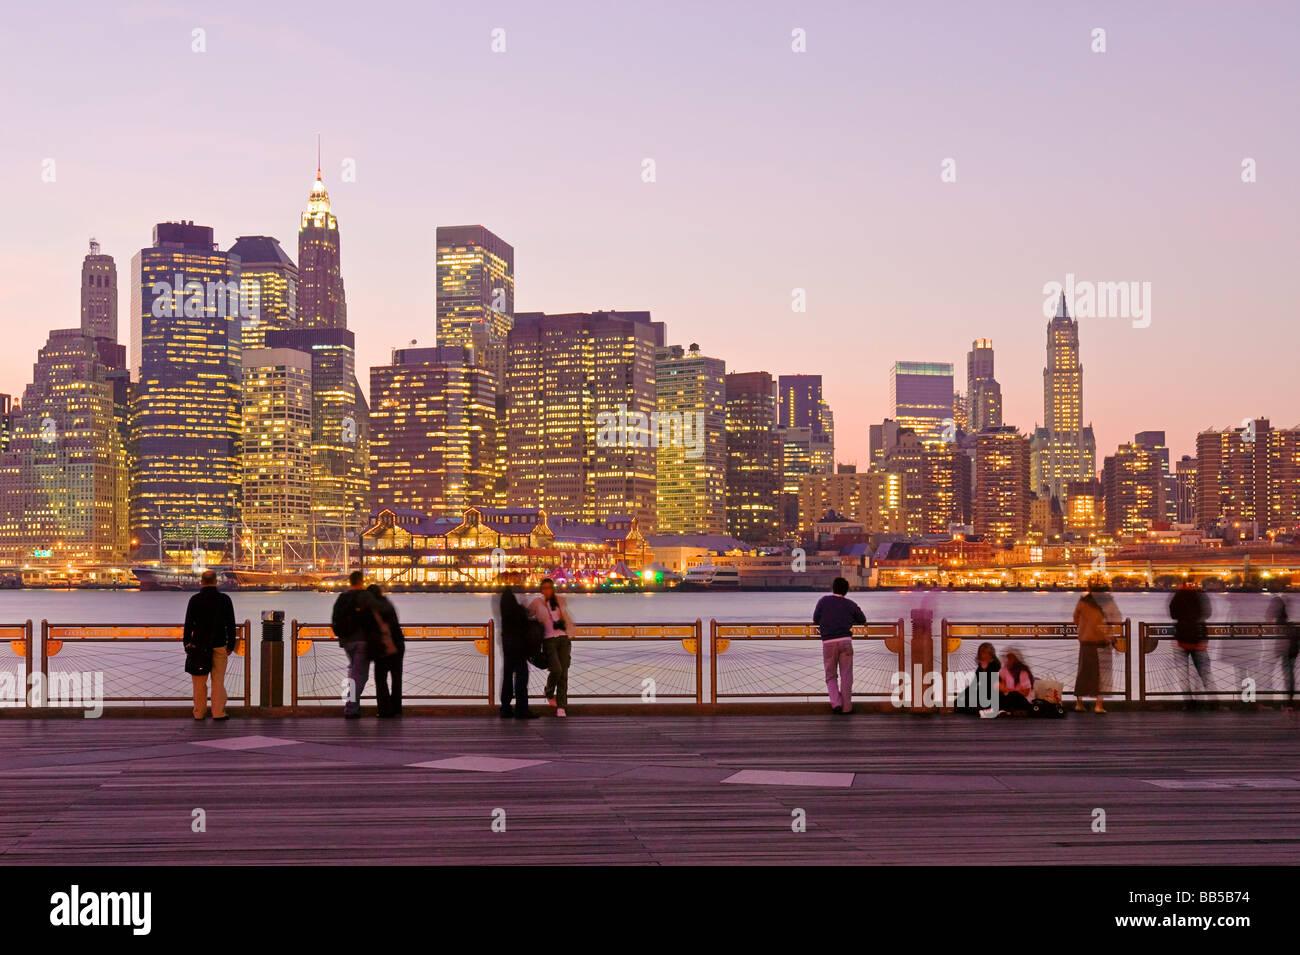 Menschen, die Aussicht auf die Skyline von Lower Manhattan, New York City genießen. Stockbild